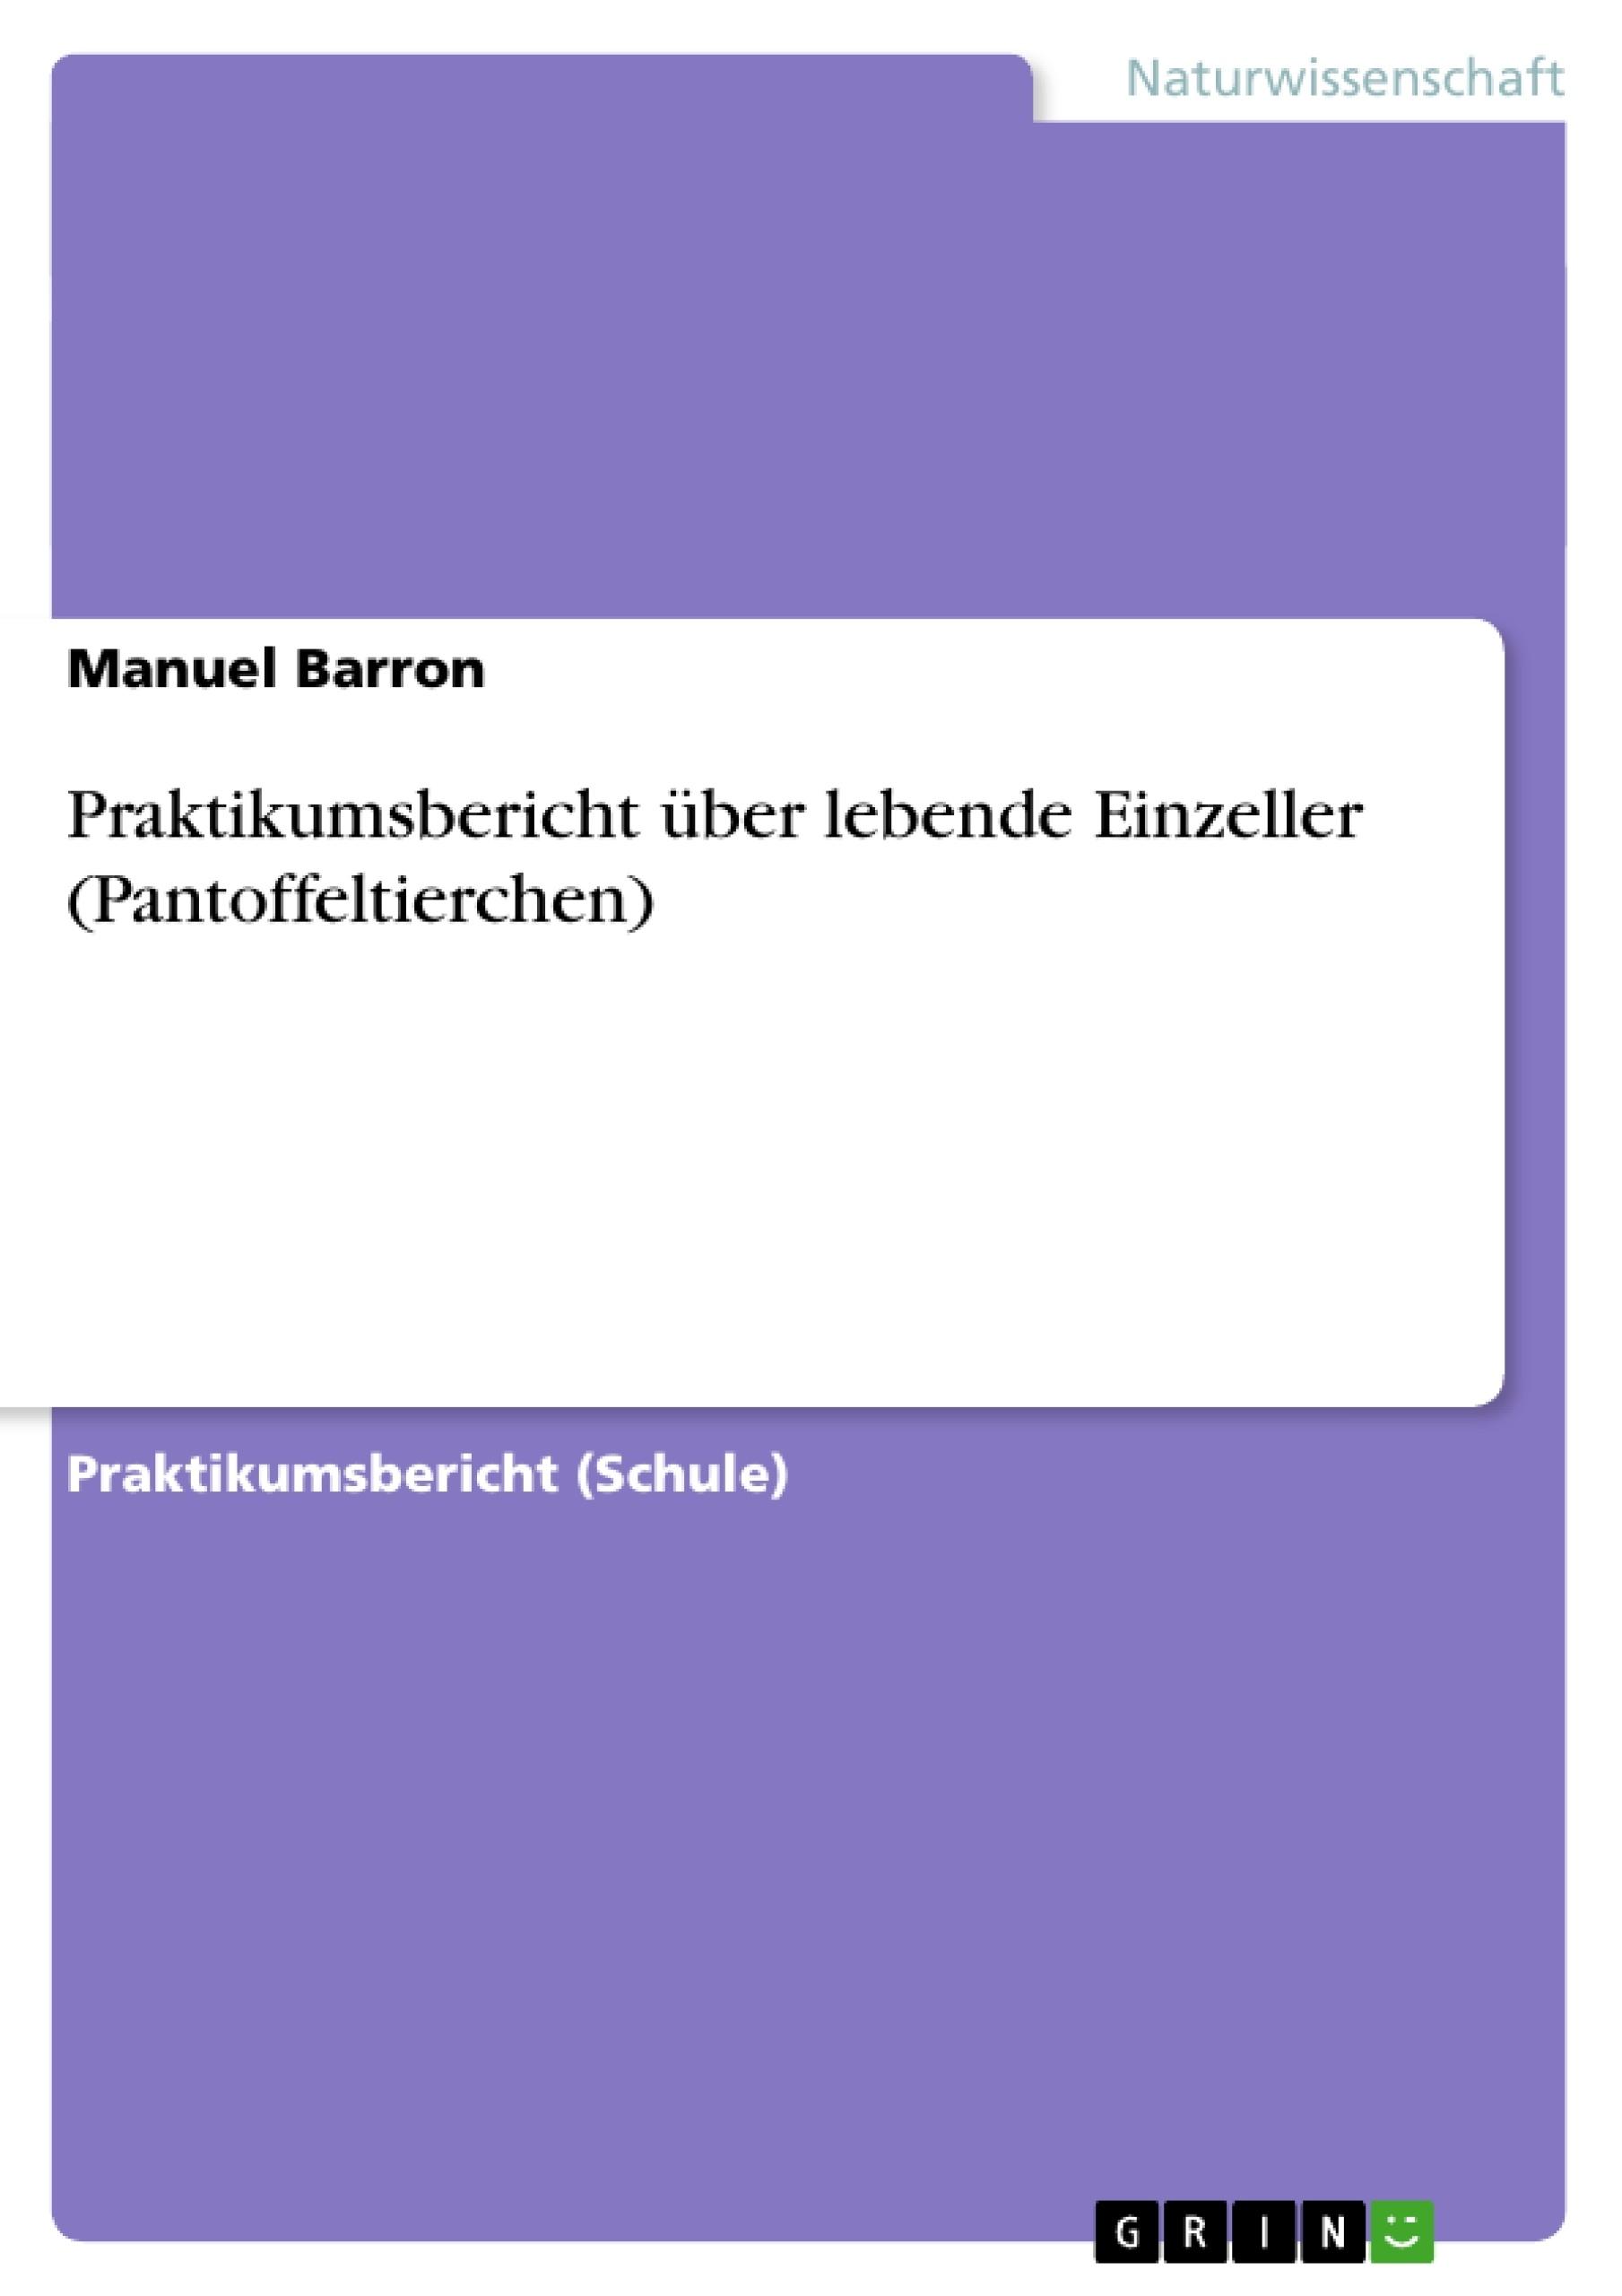 Praktikumsbericht über lebende Einzeller (Pantoffeltierchen ...